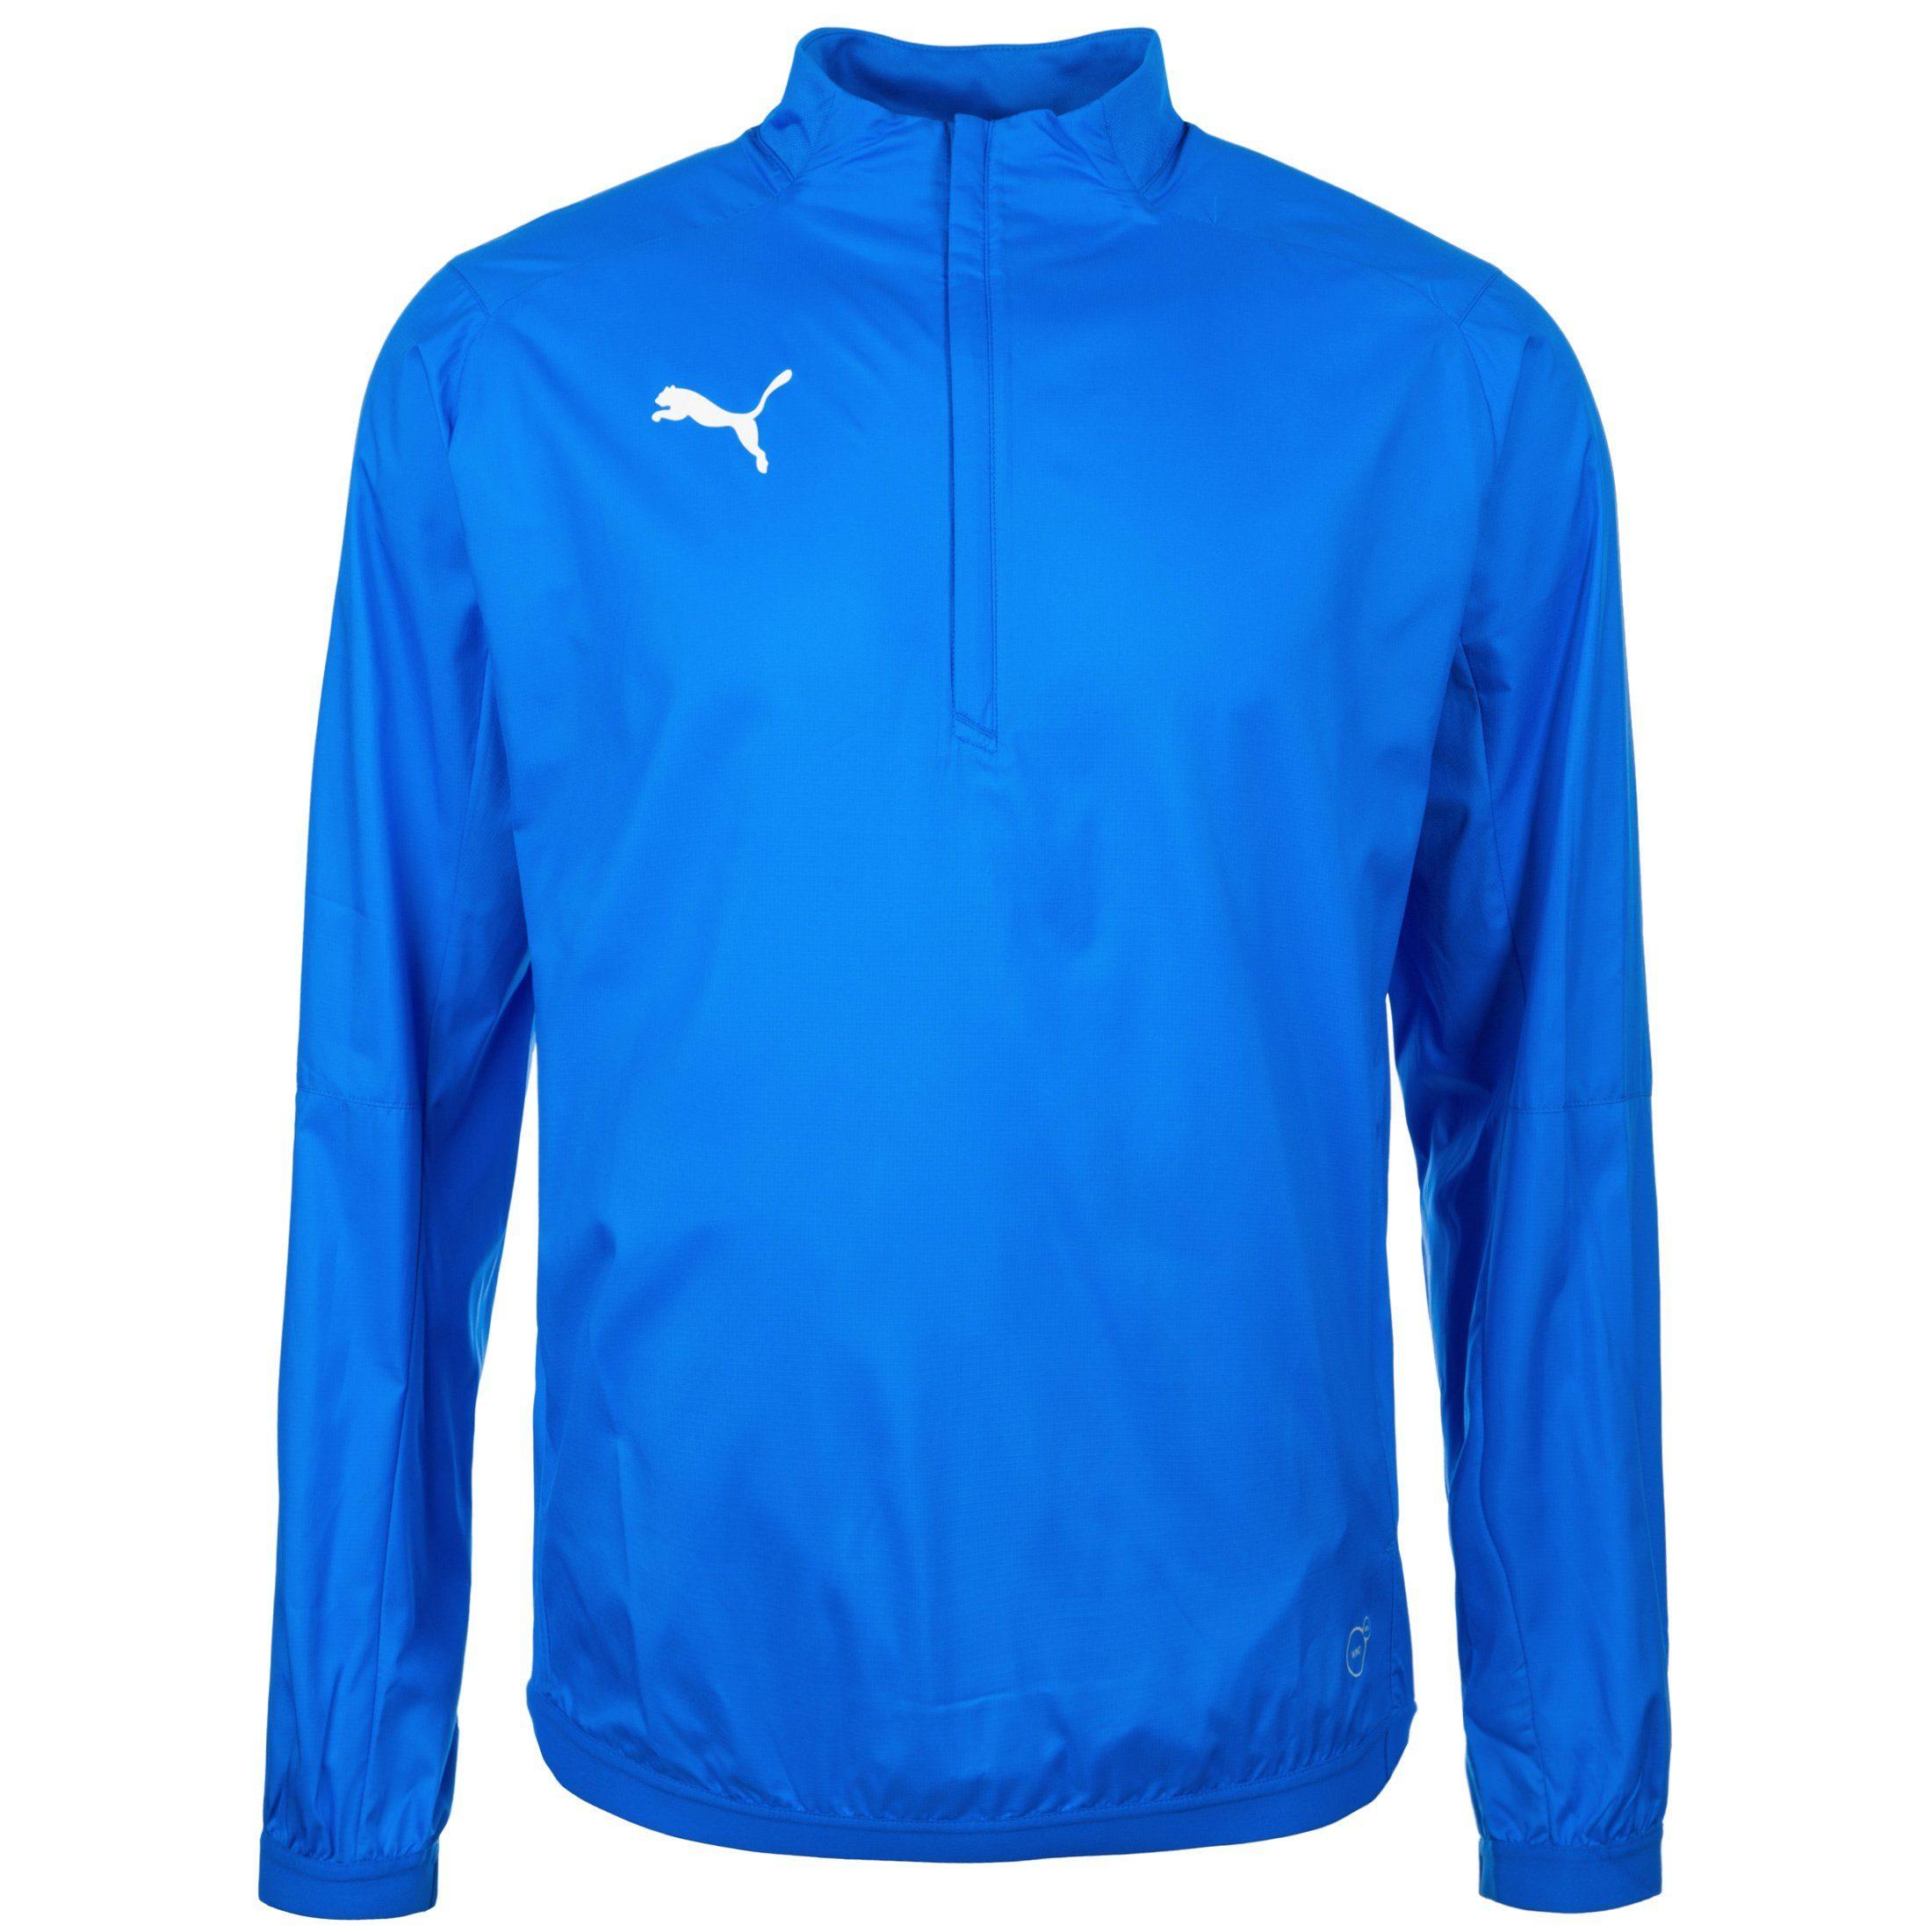 PUMA Trainingsjacke Liga | Sportbekleidung > Sportjacken > Trainingsjacken | Blau | Puma